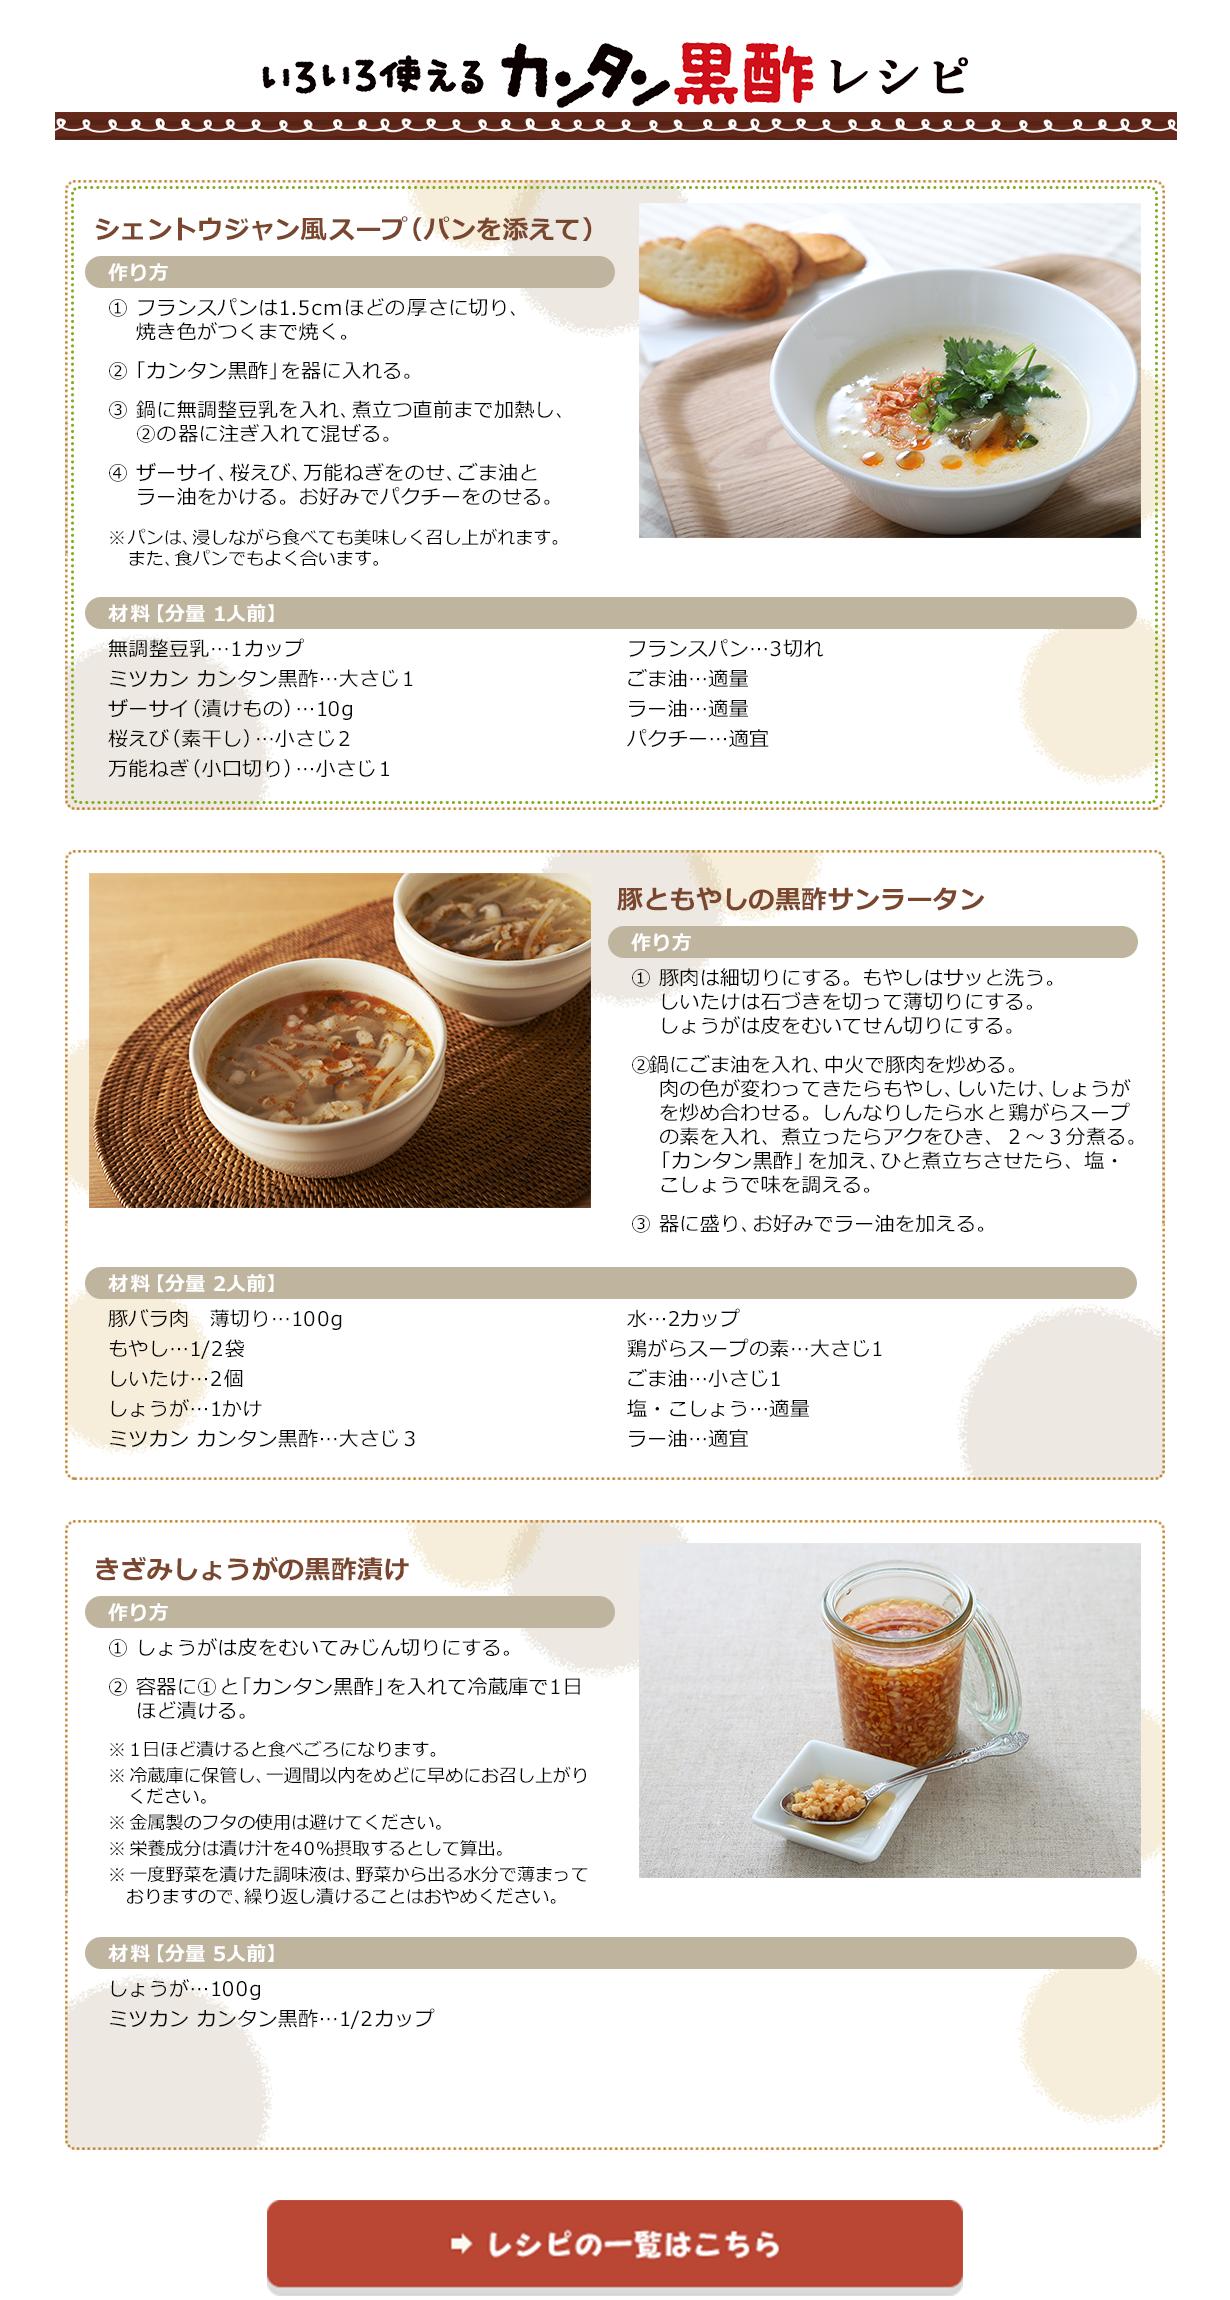 いろいろ使える カンタン黒酢レシピ